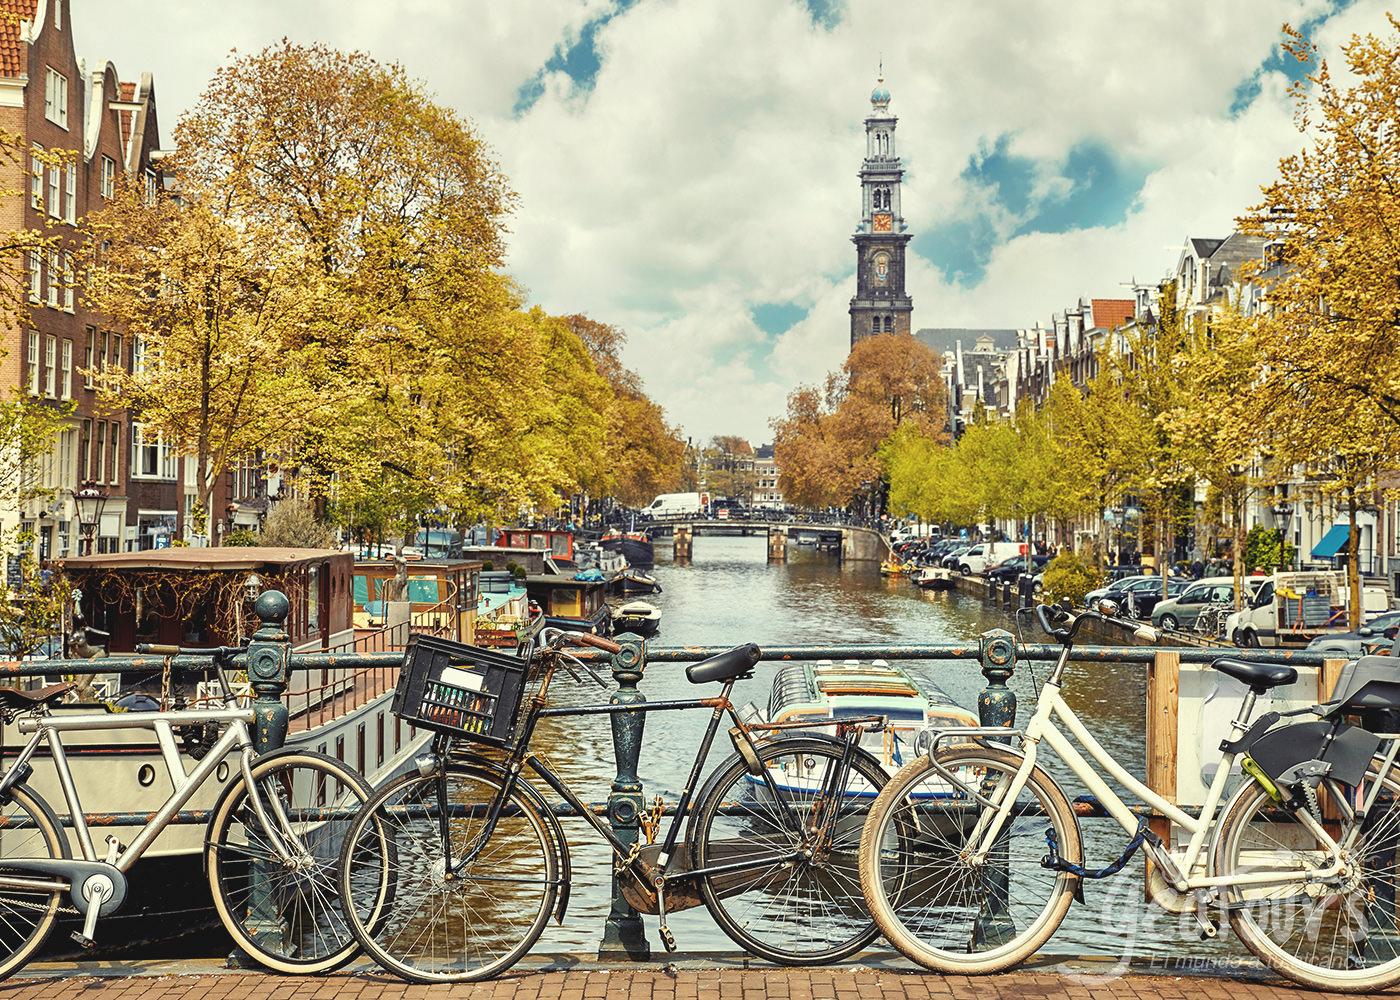 Ámsterdam y Países Bajos (6 Días)  inicio / fin Ámsterdam